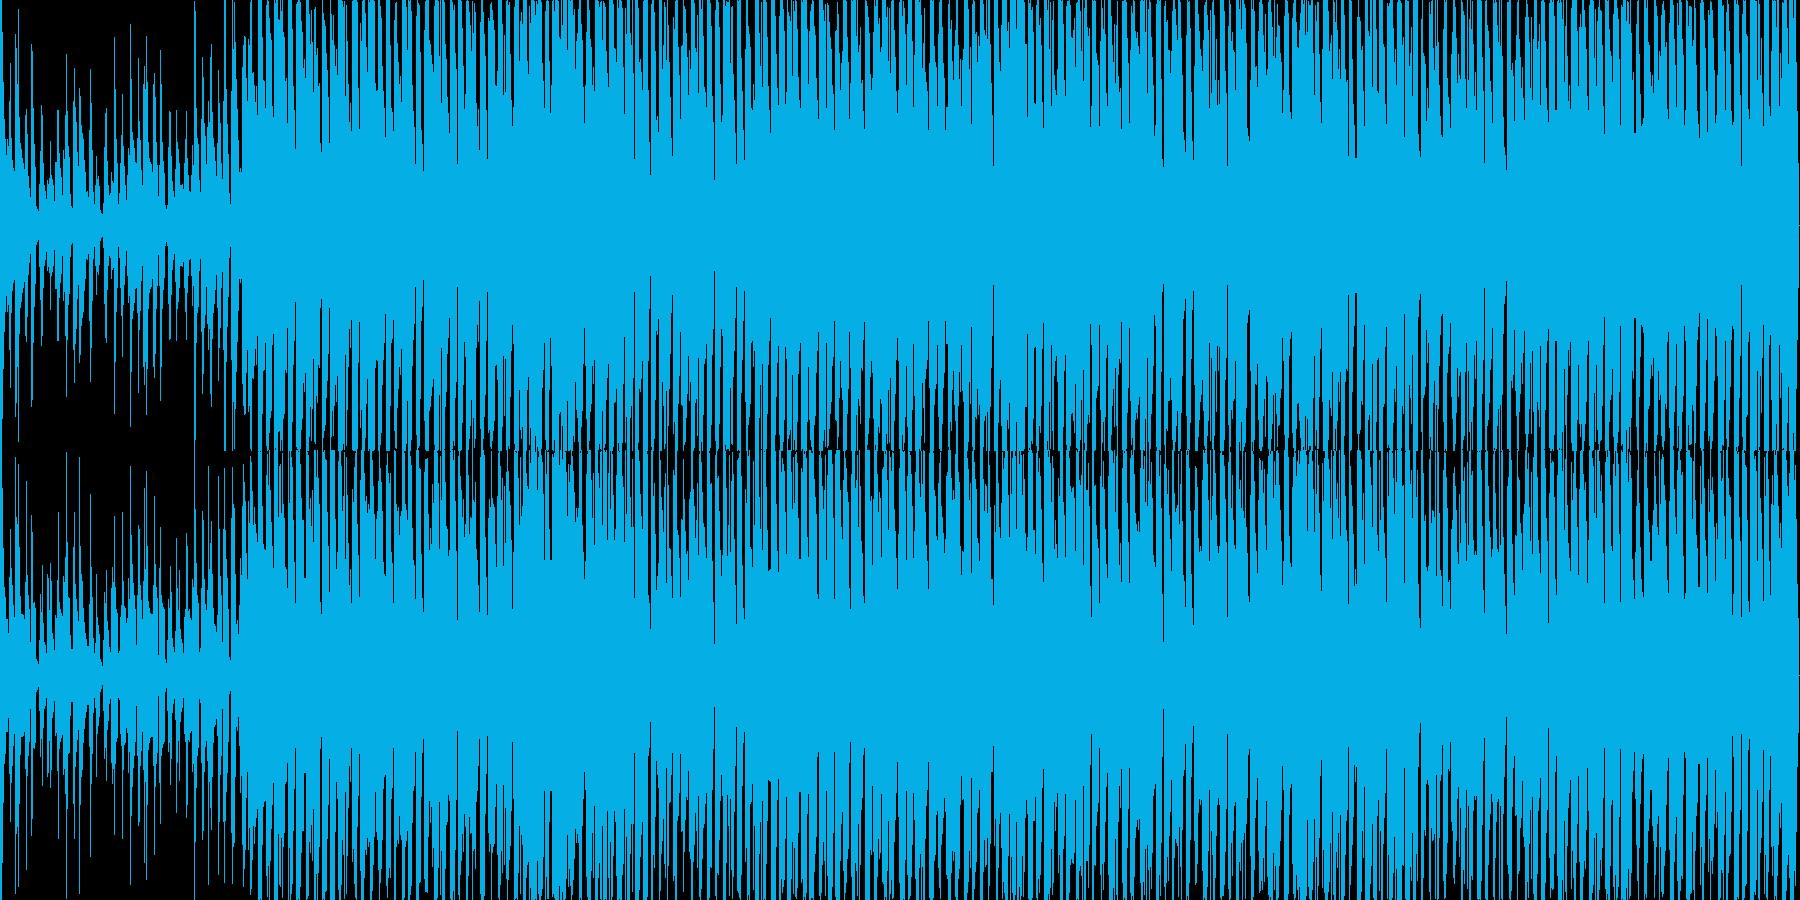 リズミカルで陽気なウクレレとピアノの再生済みの波形